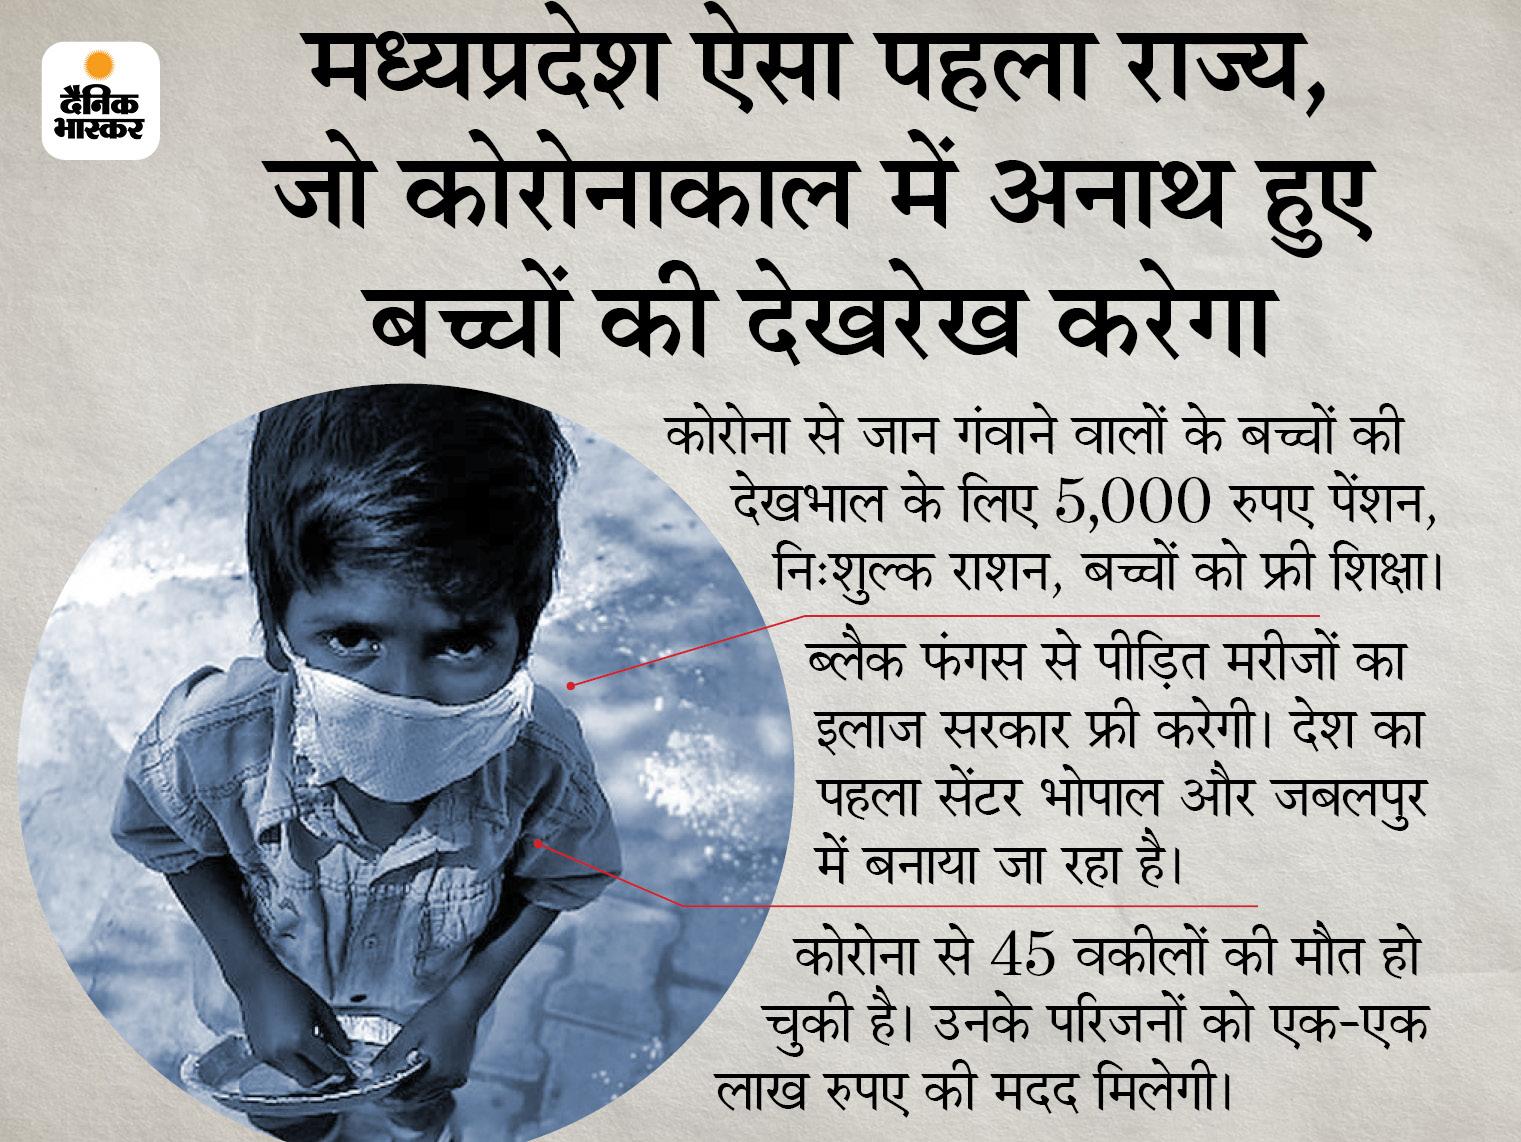 गृहमंत्री बोले- ब्लैक फंगस से पीड़ित मरीजों का फ्री इलाज; CM ने कहा- कोरोना से अनाथ बच्चों की जिम्मेदारी लेगी सरकार मध्य प्रदेश,Madhya Pradesh - Dainik Bhaskar